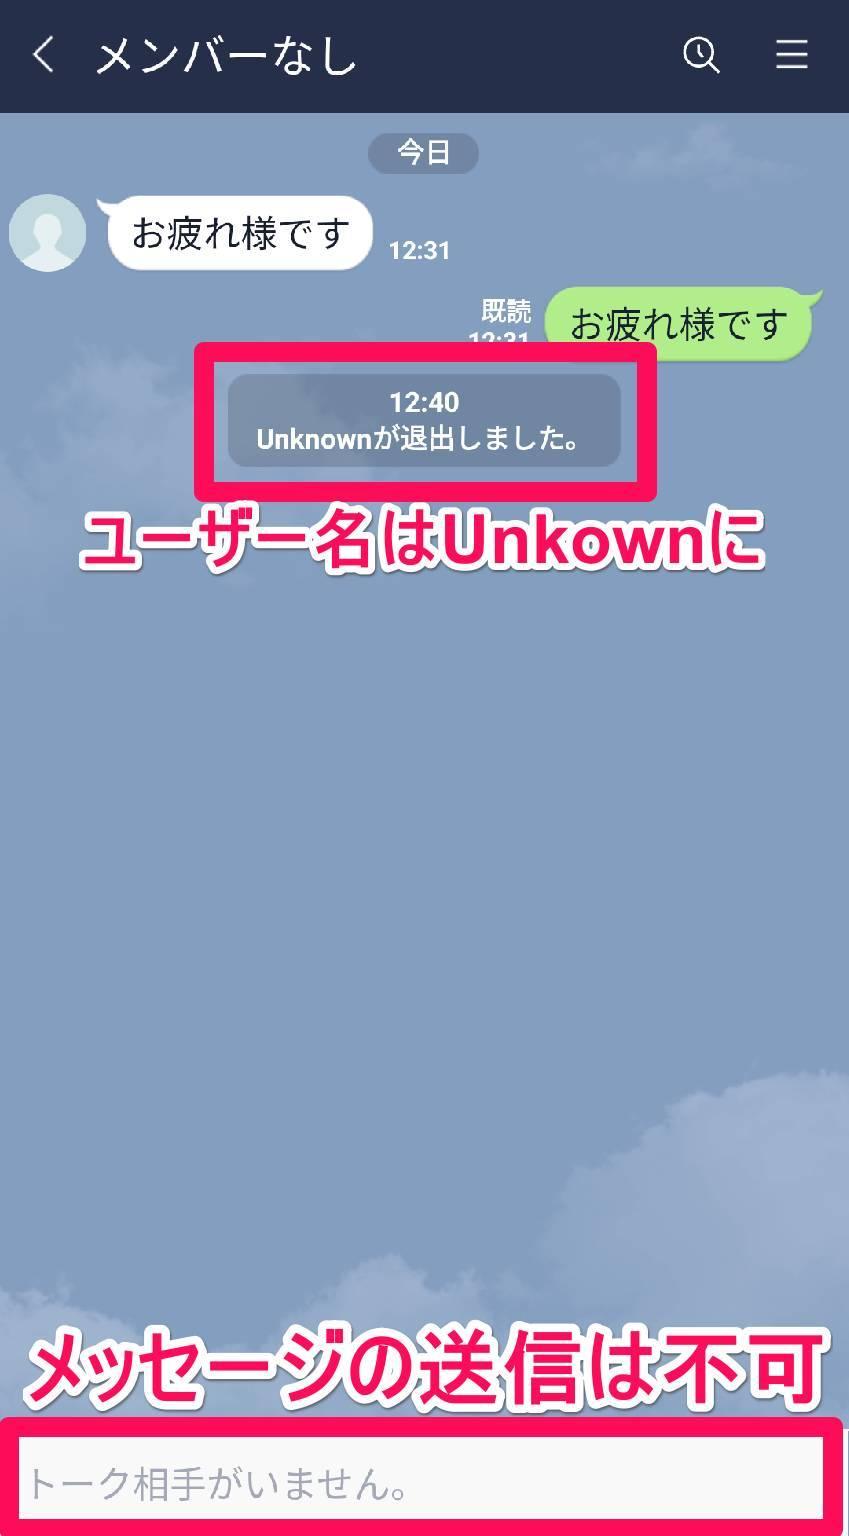 『LINE』(自分側)アカウント削除後のメッセージ画面